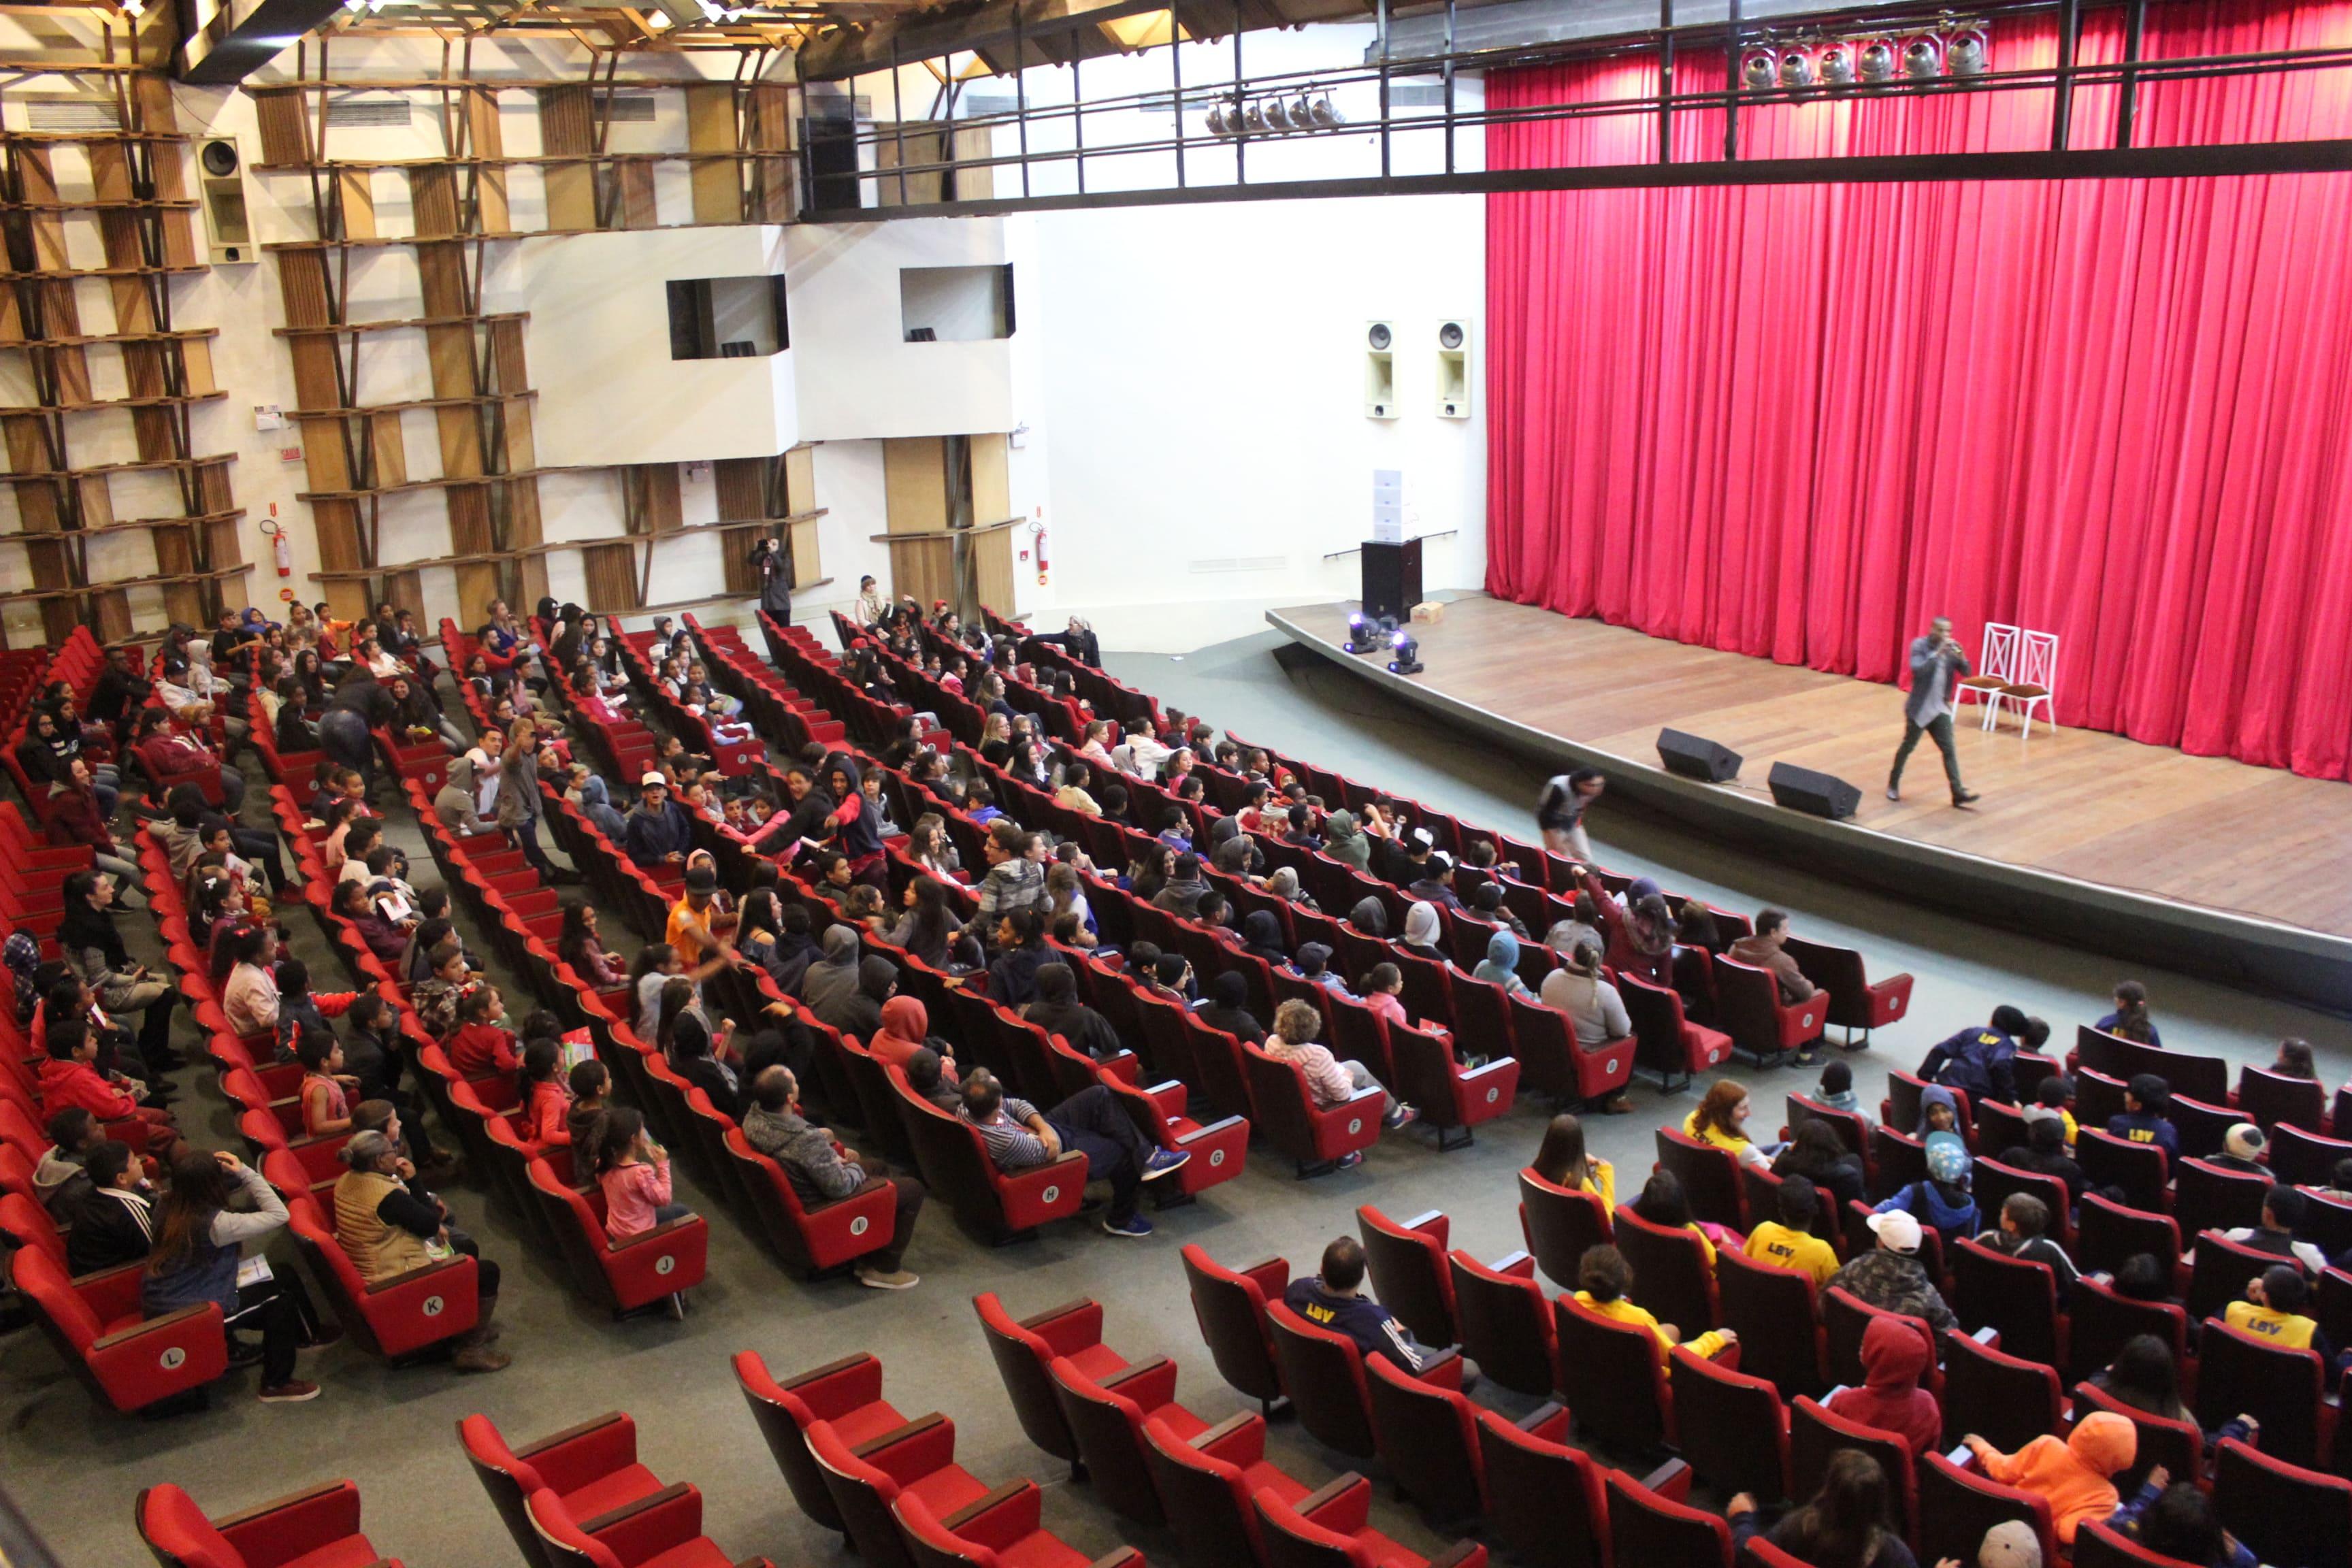 Teatro Elias Angeloni recebe atrações para todos os públicos